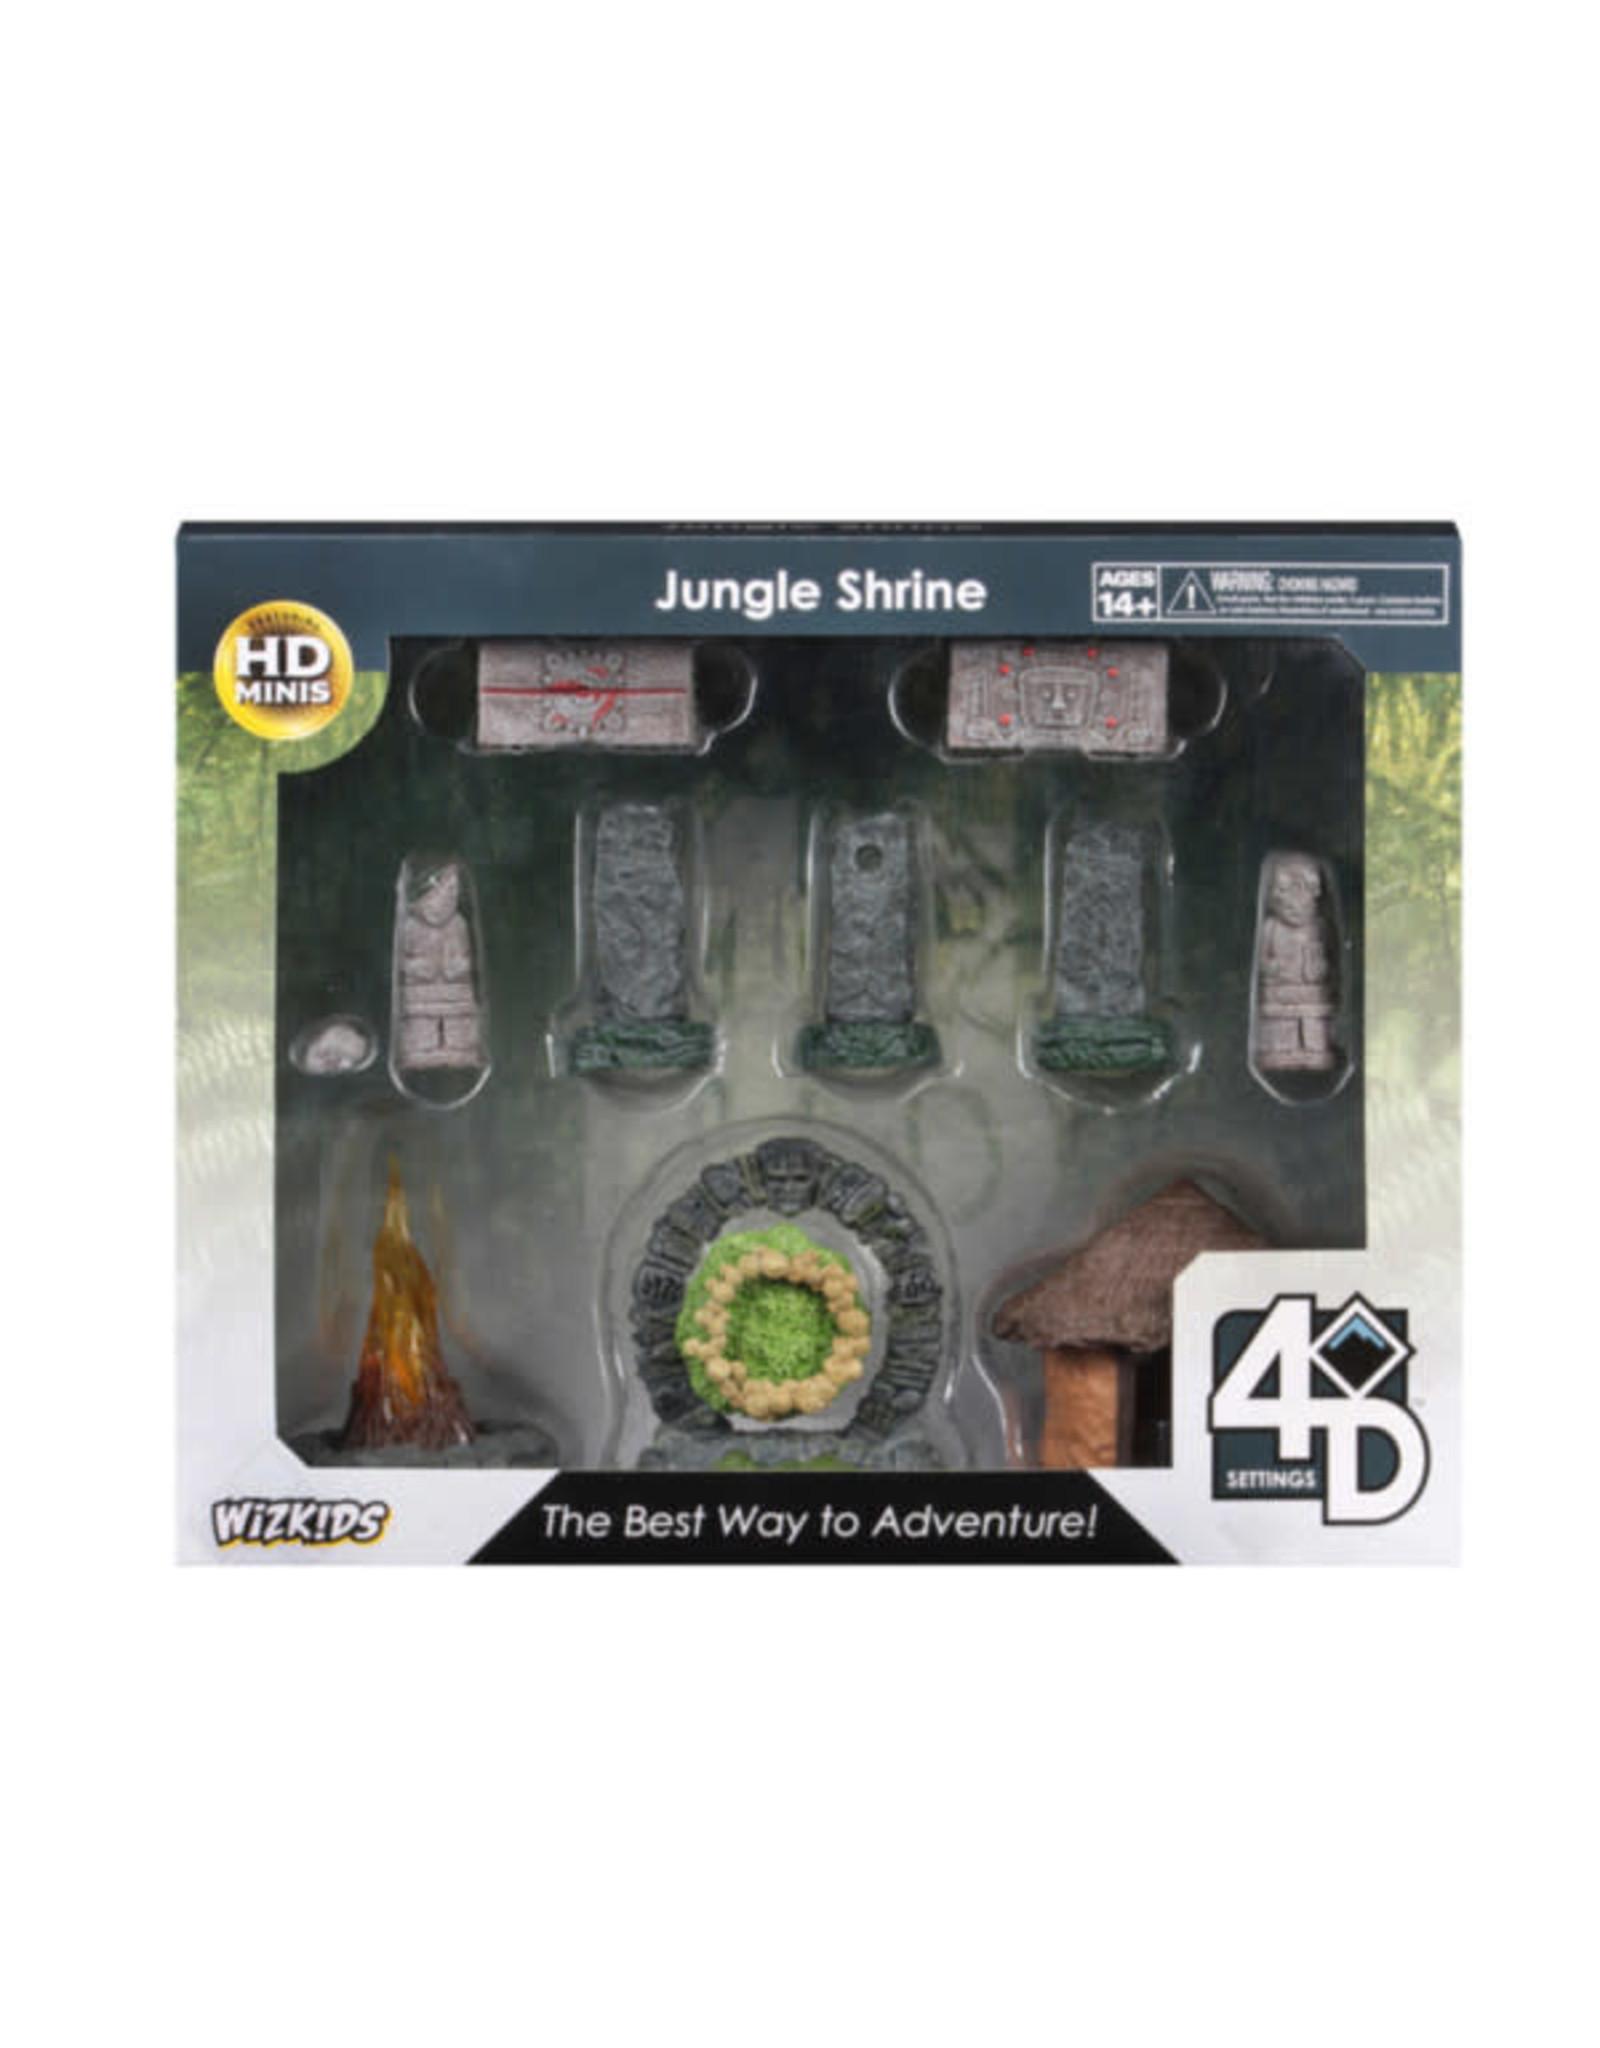 WizKids WizKids 4D: Jungle Shrine